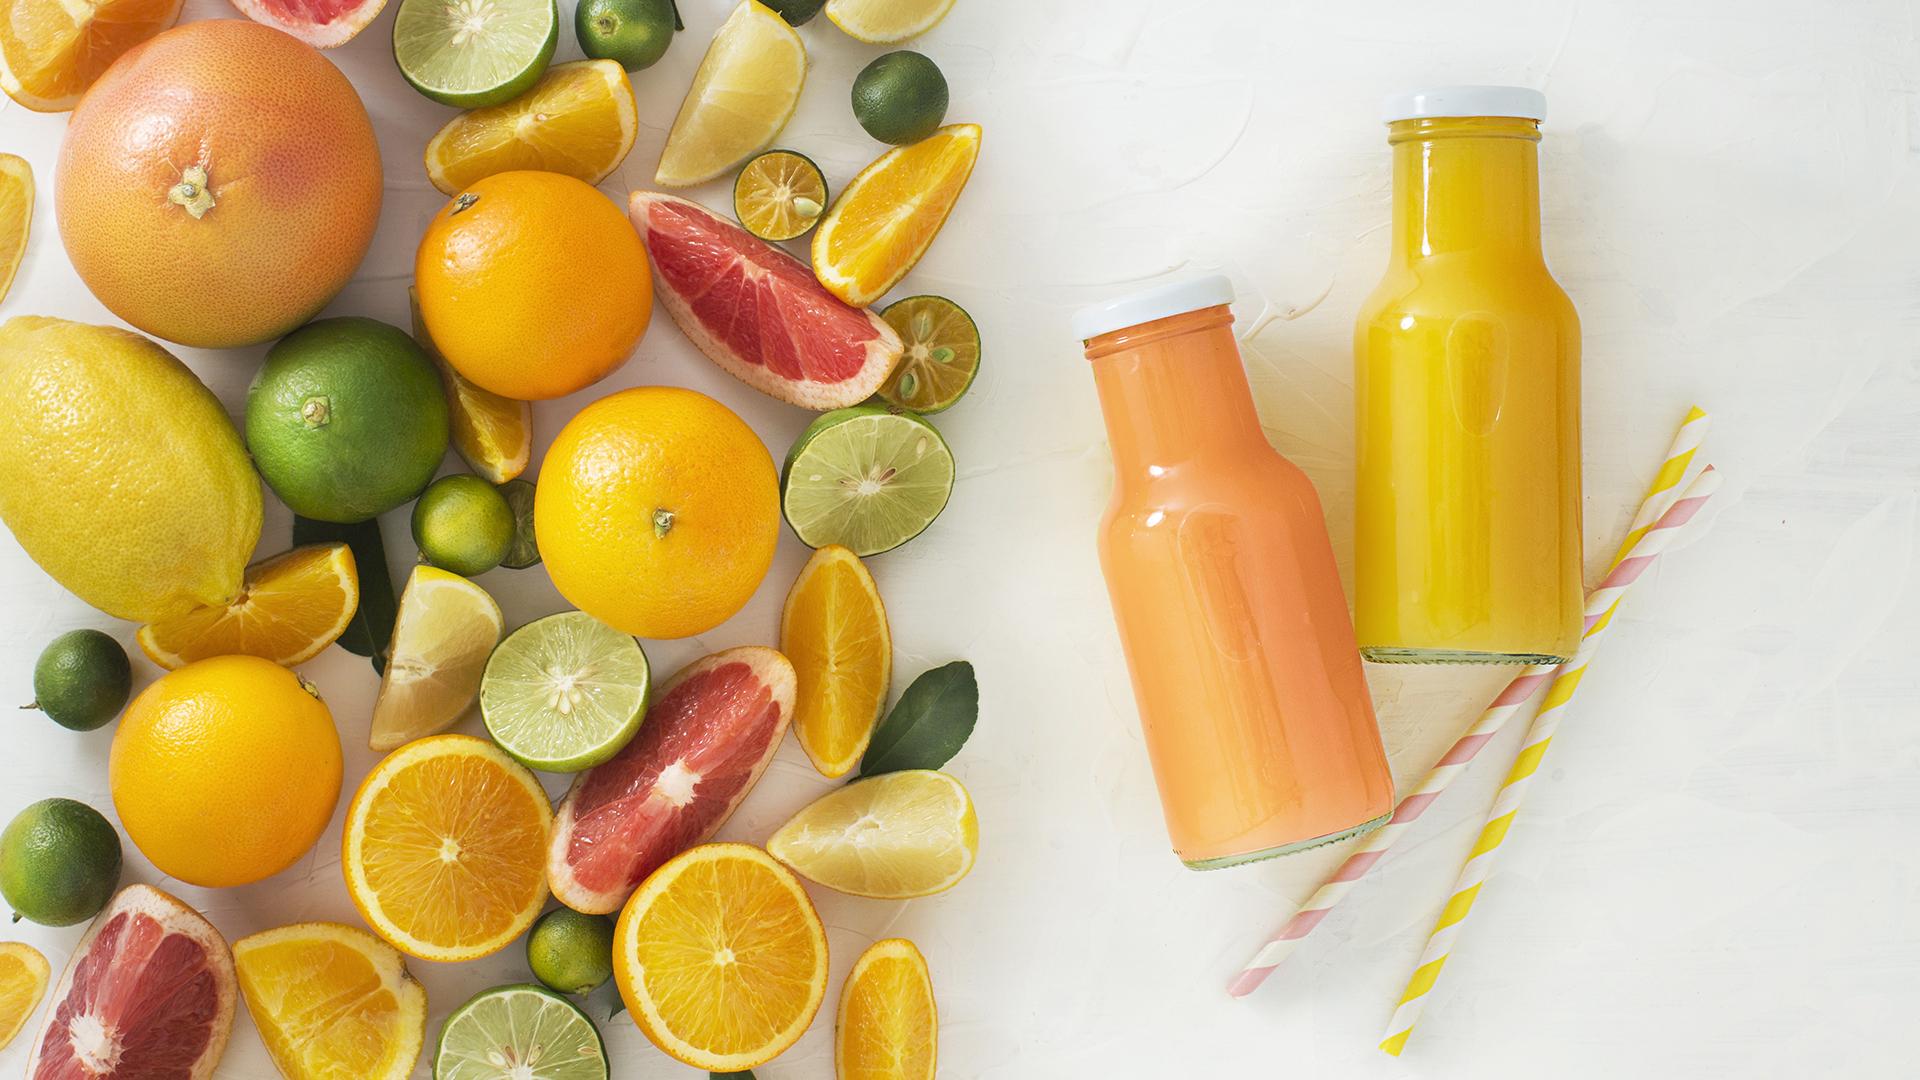 A gyümölcslé egészségesebb mint a teljes gyümölcs?